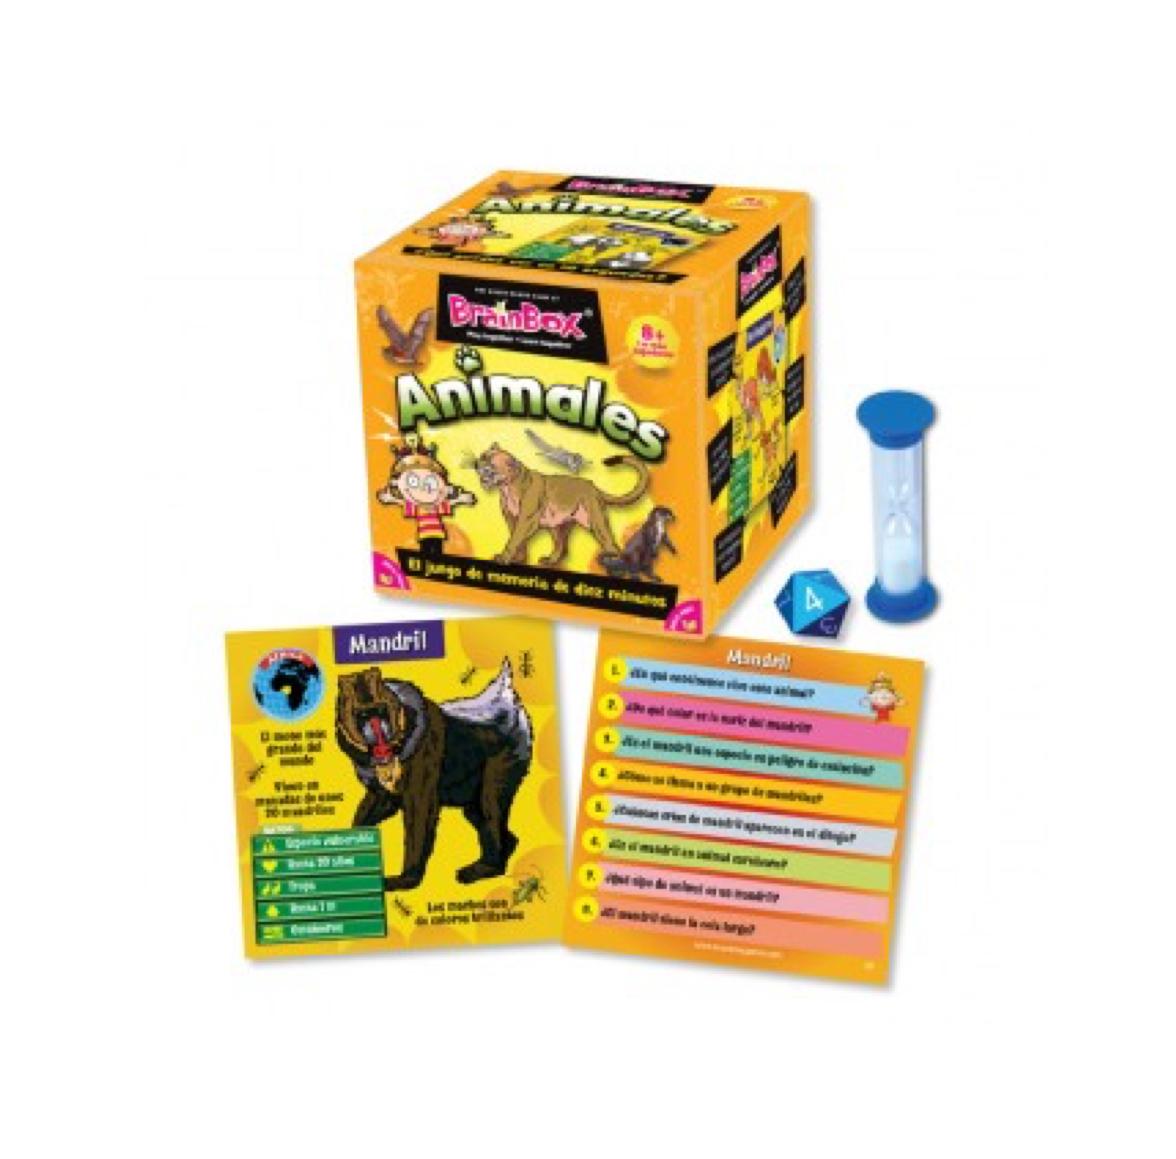 juego-de-memoria-animales-de brainbox-en-el-mundo-de-mico